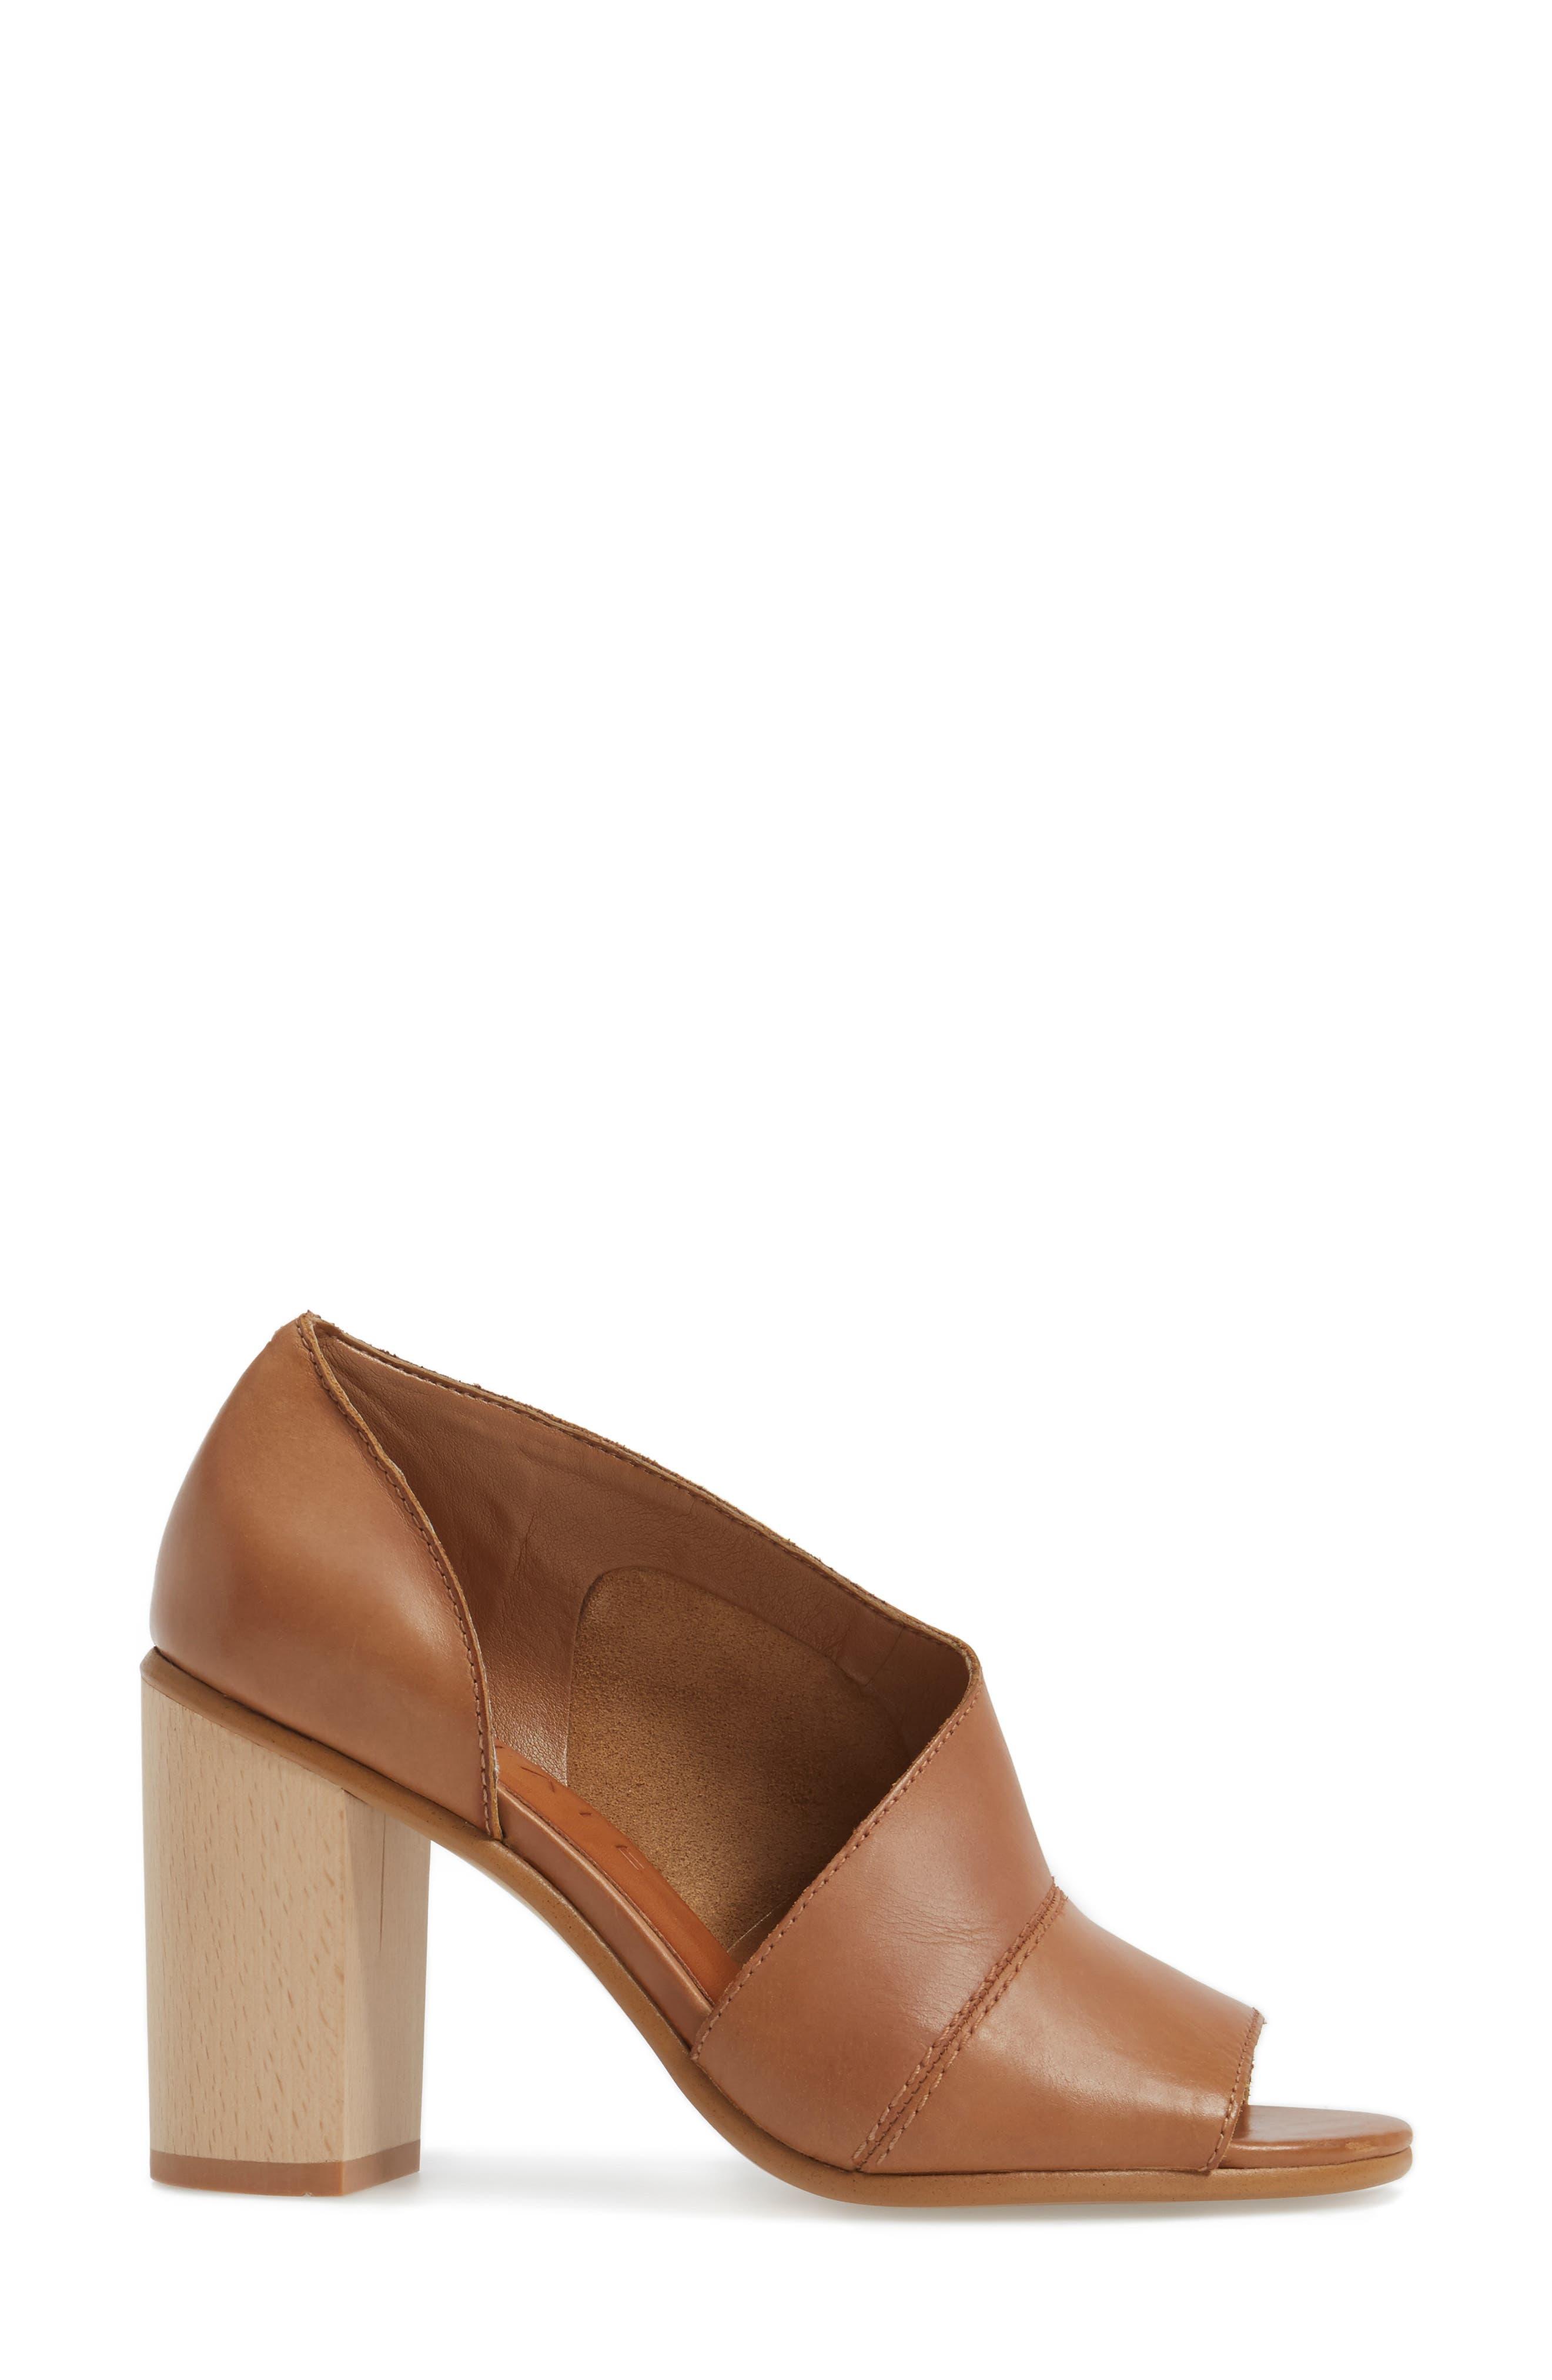 Amble Asymmetrical Sandal,                             Alternate thumbnail 3, color,                             Tan Leather